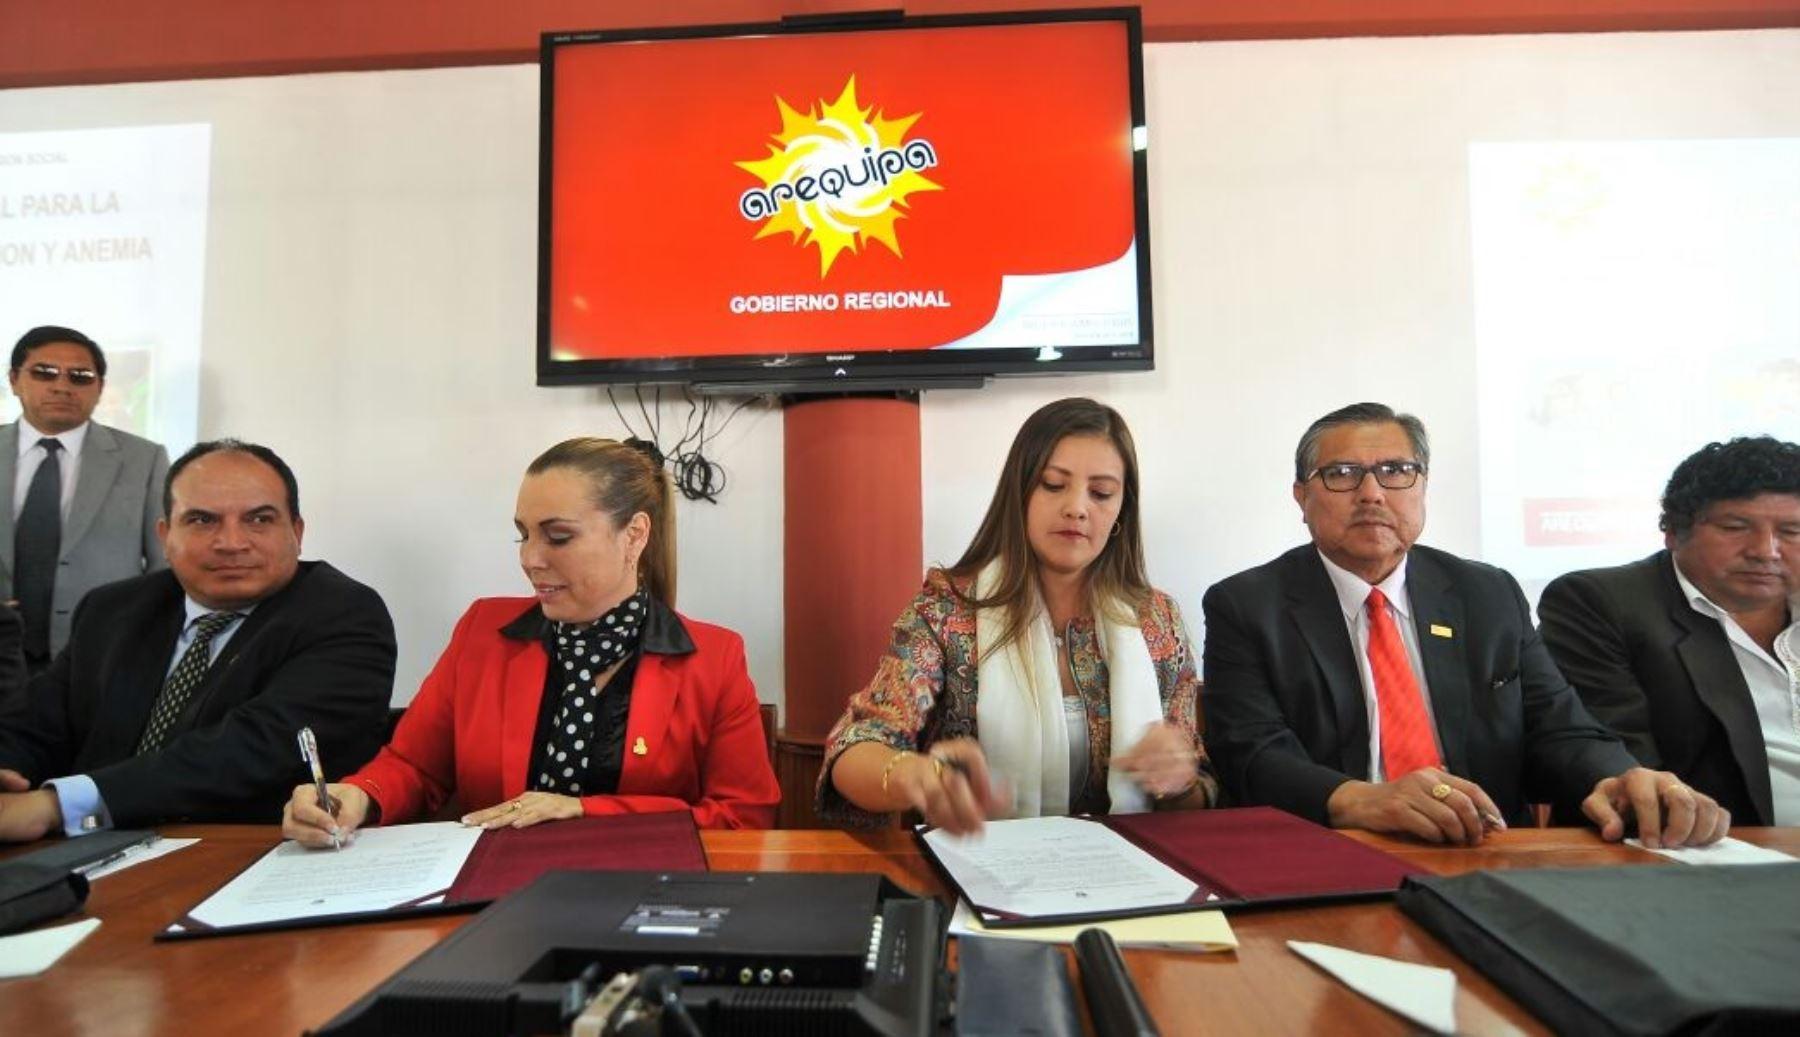 """La ministra de Desarrollo e Inclusión Social (Midis), Fiorella Molinelli, invitó hoy a los jóvenes arequipeños a participar en la primera edición de """"Hackathon Perú Hambre Cero, por un Perú sin anemia"""", a realizarse en esa región este 14 y 15 de octubre."""